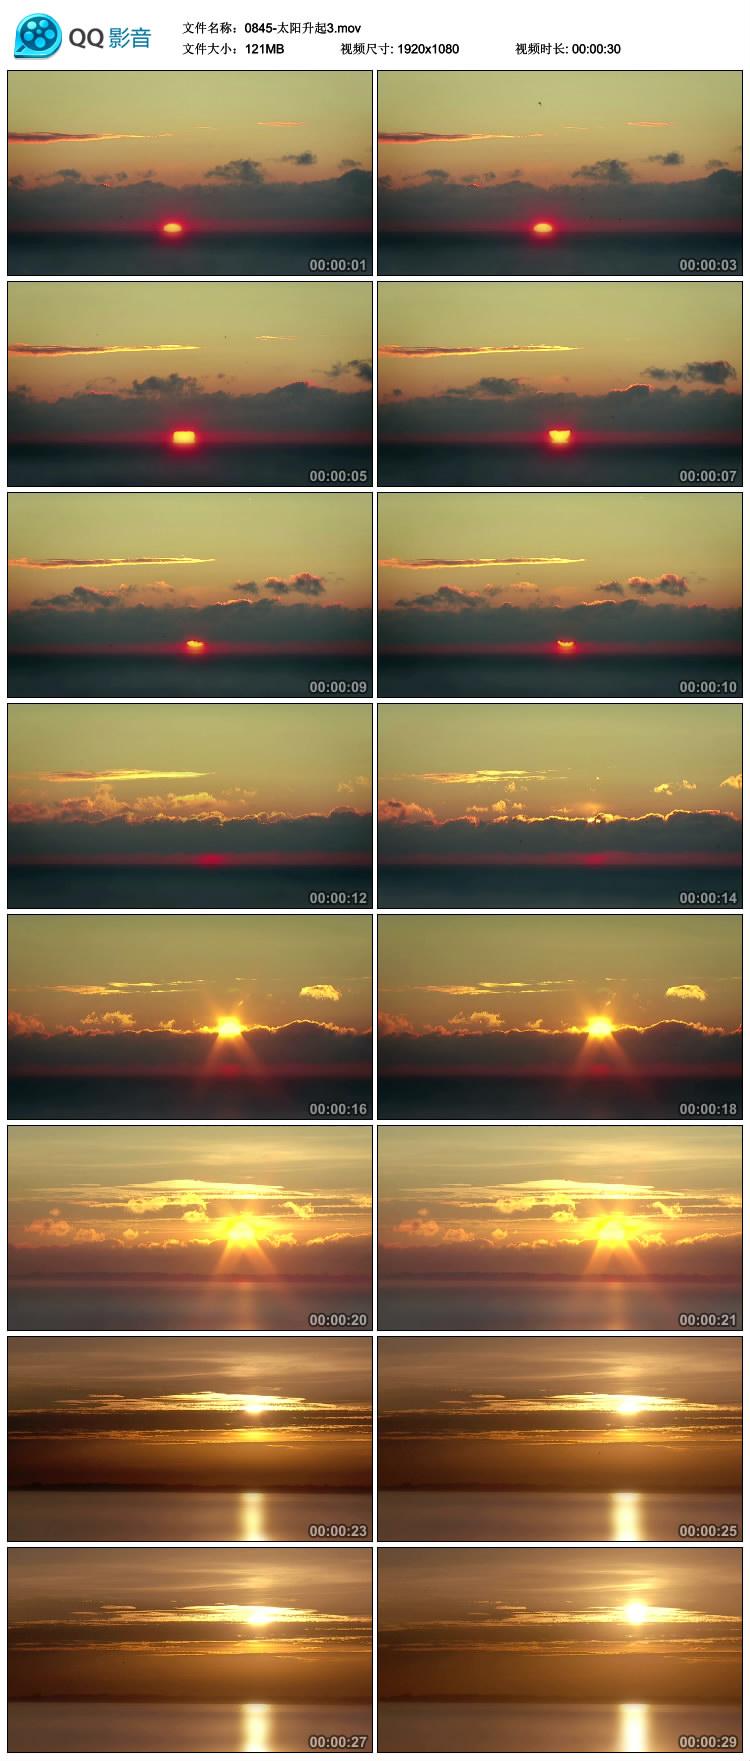 太阳升起日出朝霞云层光线中国高清实拍视频影视制作素材1080P